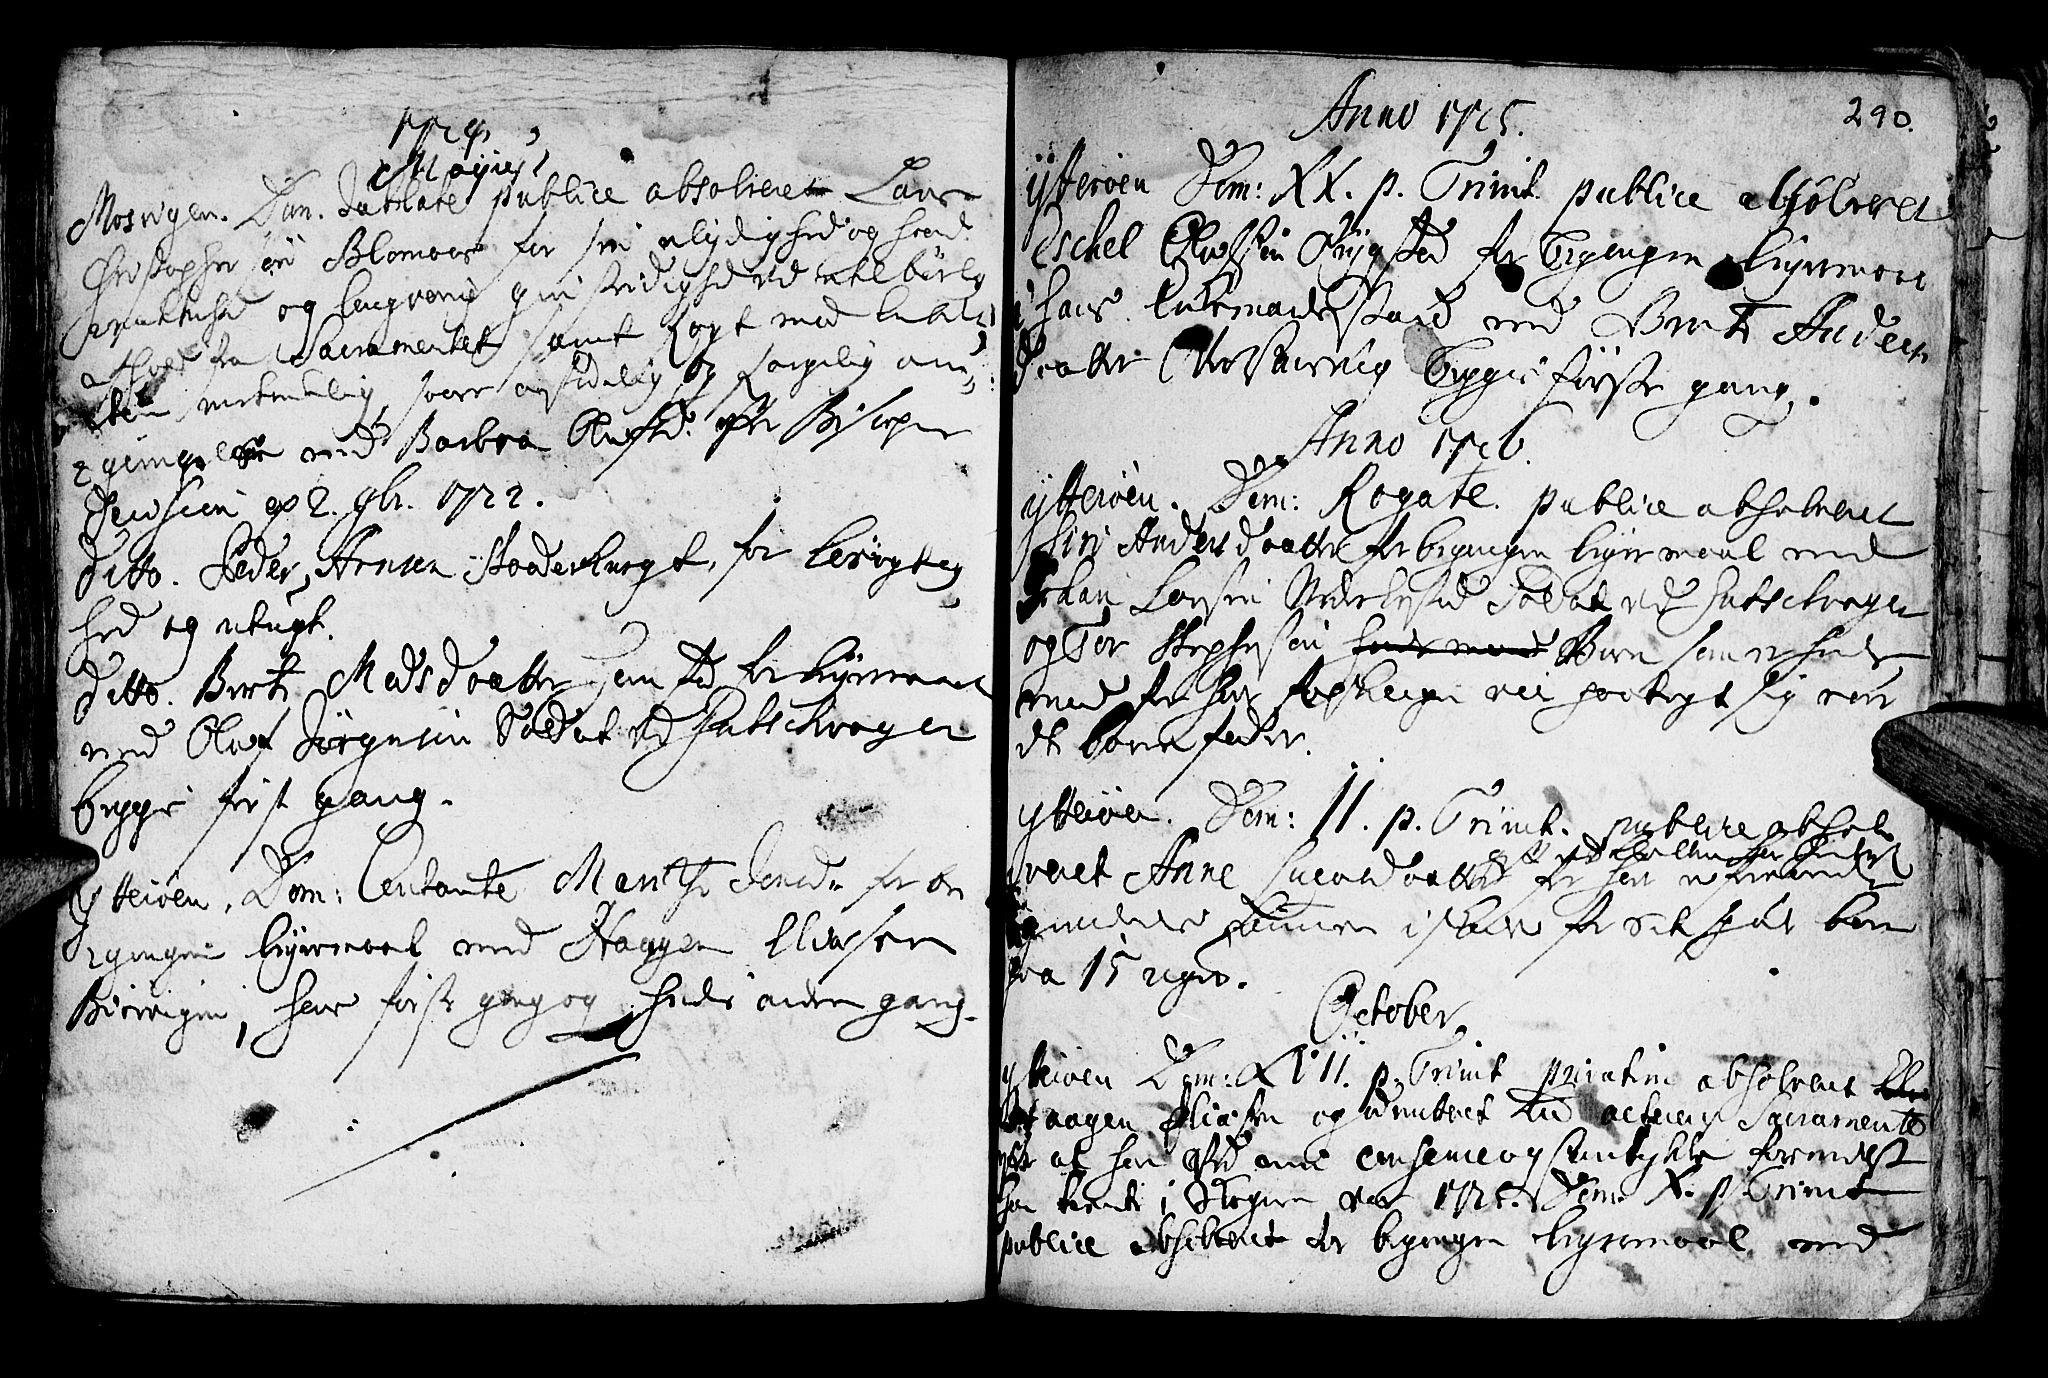 SAT, Ministerialprotokoller, klokkerbøker og fødselsregistre - Nord-Trøndelag, 722/L0215: Ministerialbok nr. 722A02, 1718-1755, s. 290